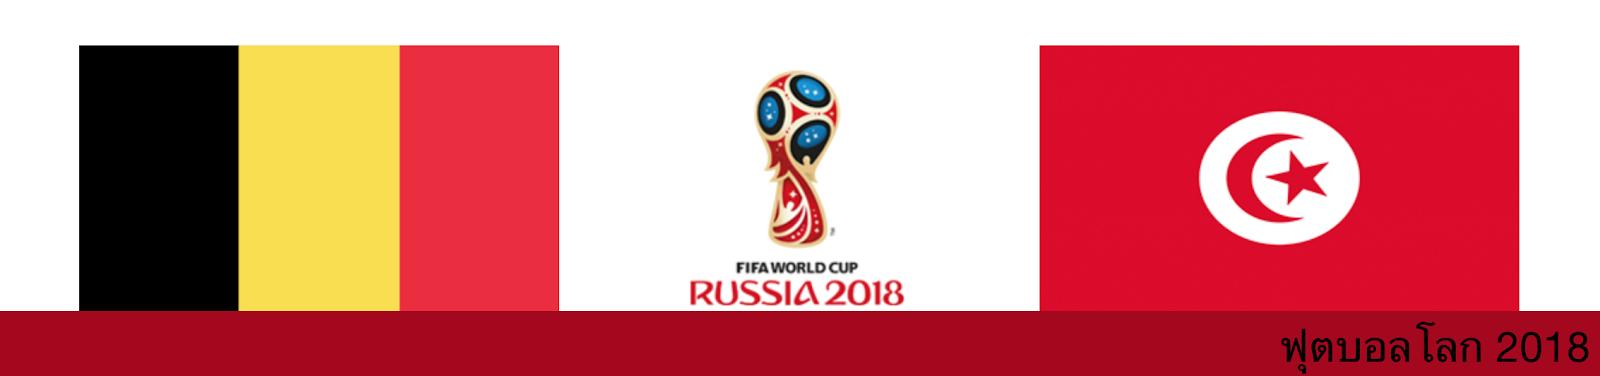 แทงบอล วิเคราะห์บอล ฟุตบอลโลก ระหว่าง เบลเยียม กับ ชาติตูนิเซีย